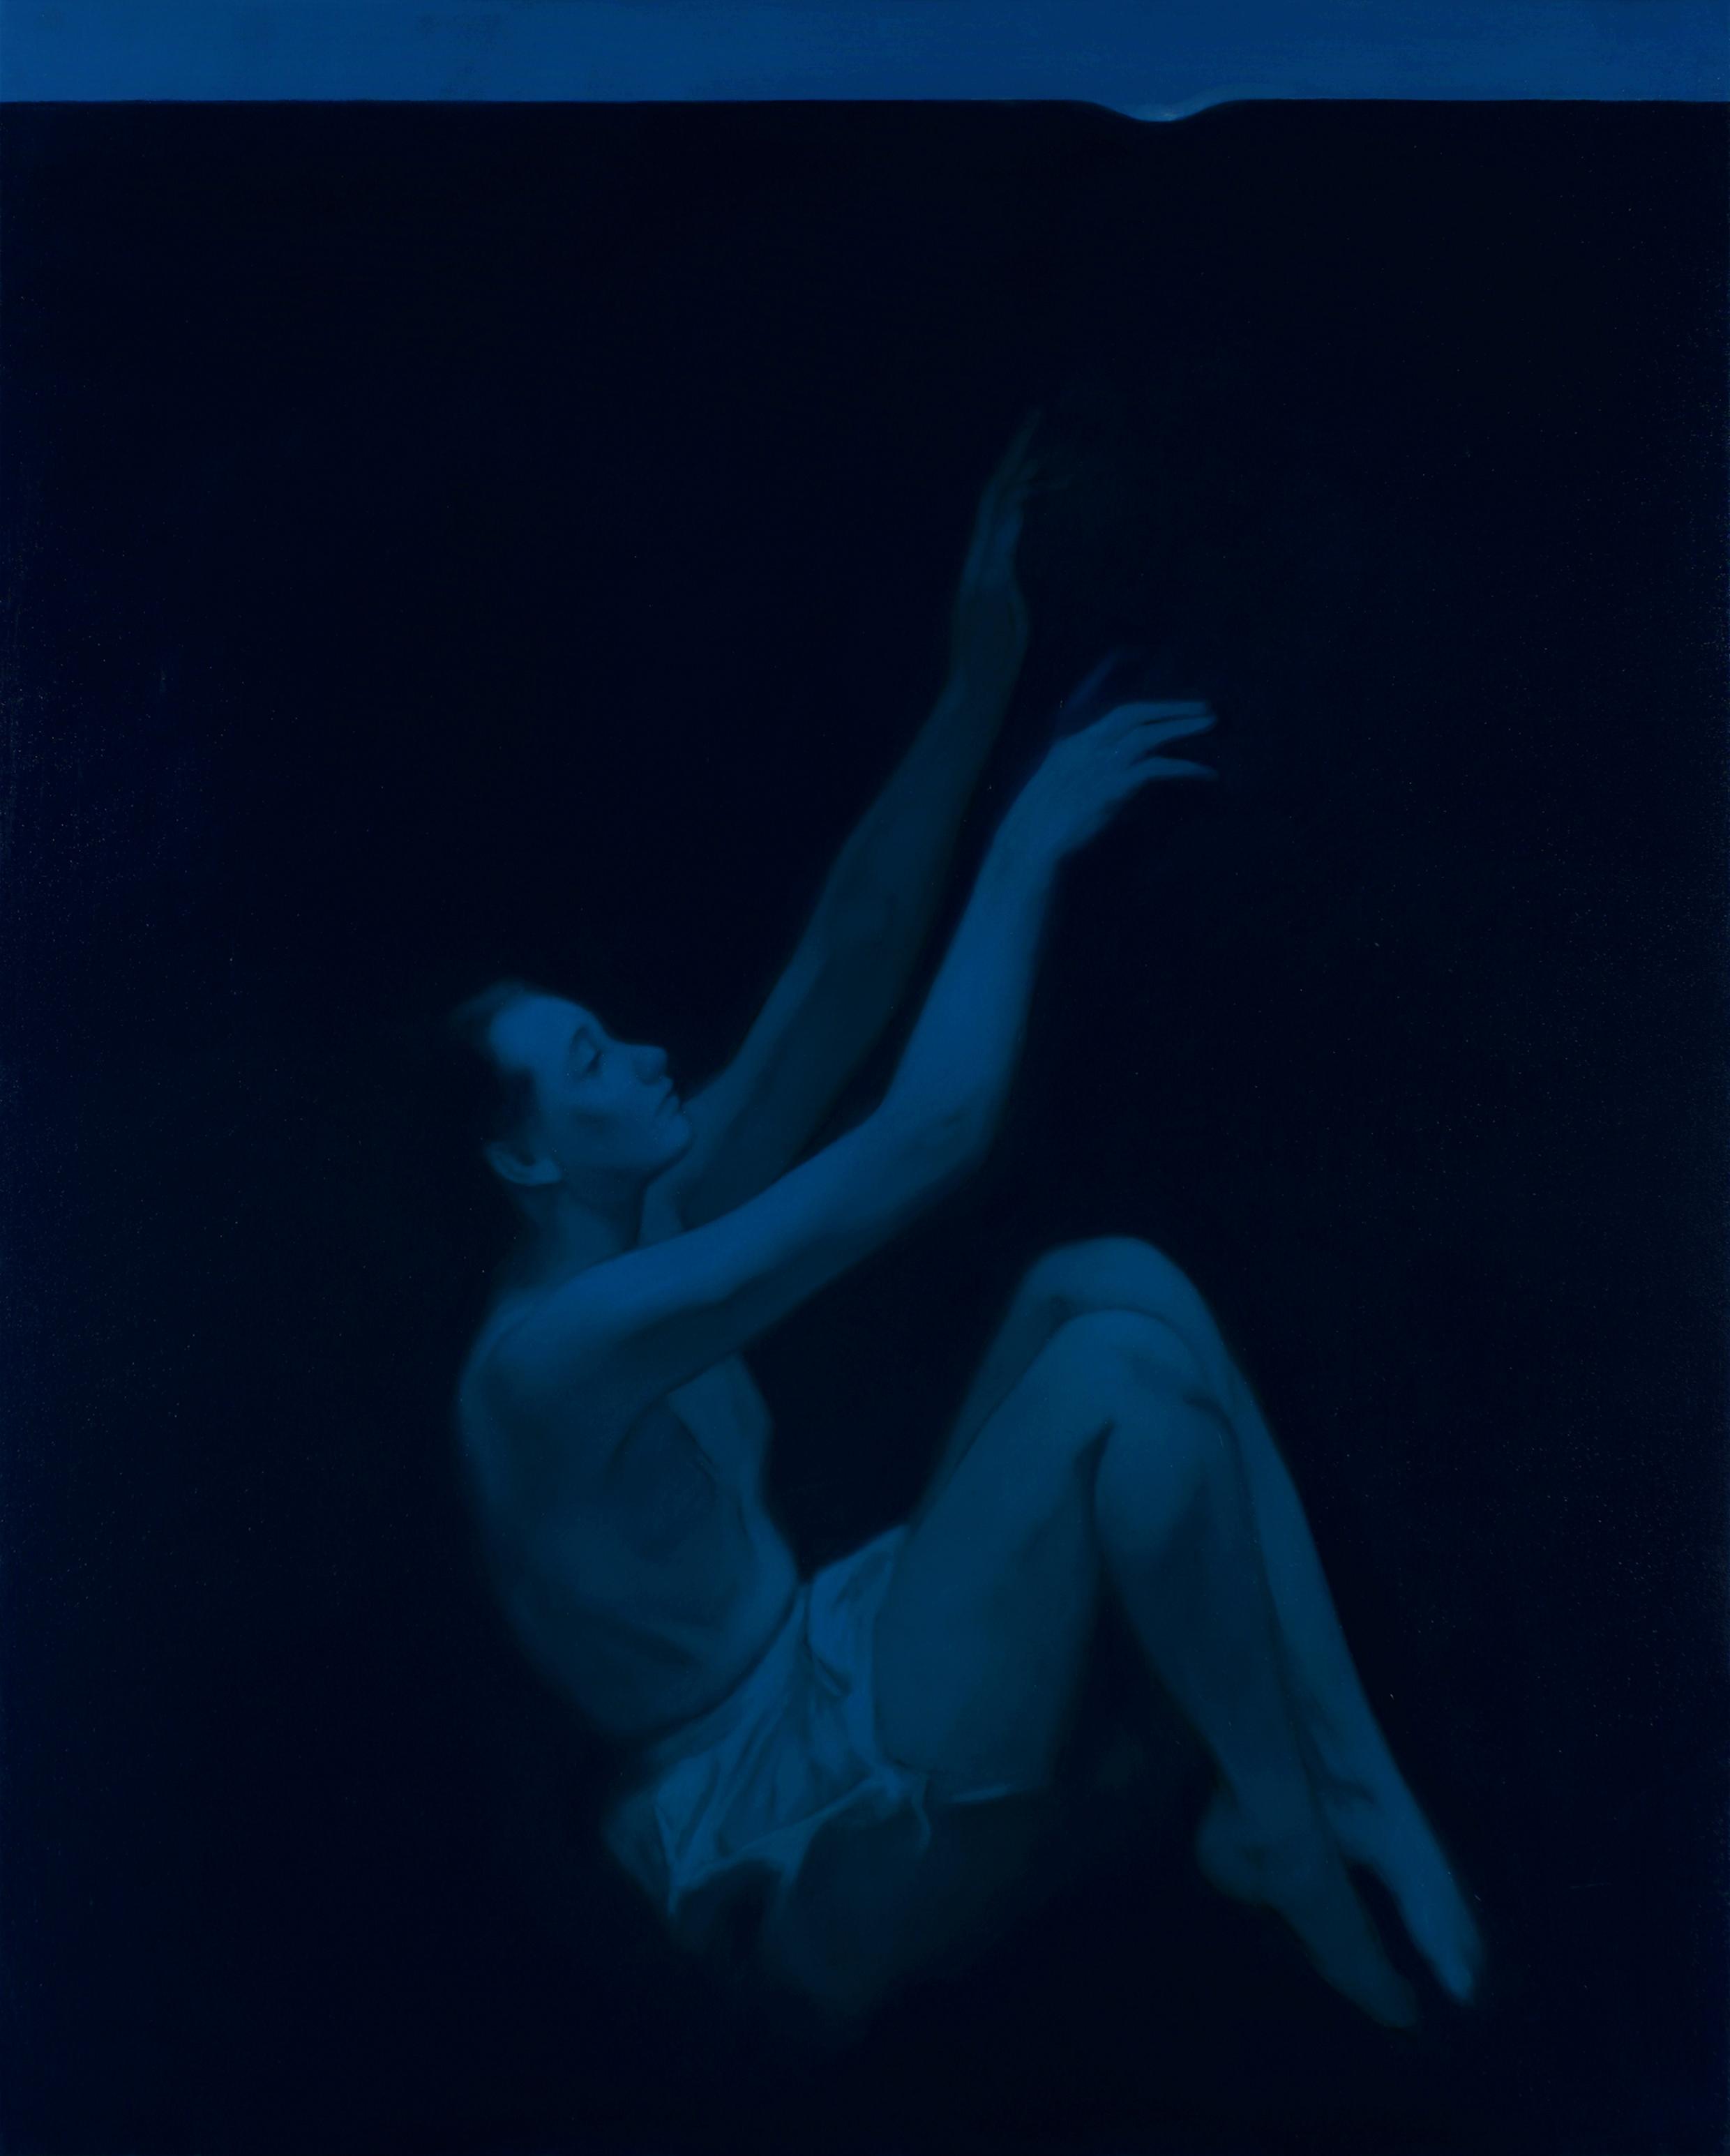 Simone Geraci, Fall, 2018, oil on canvas, cm 100x80-1.jpg